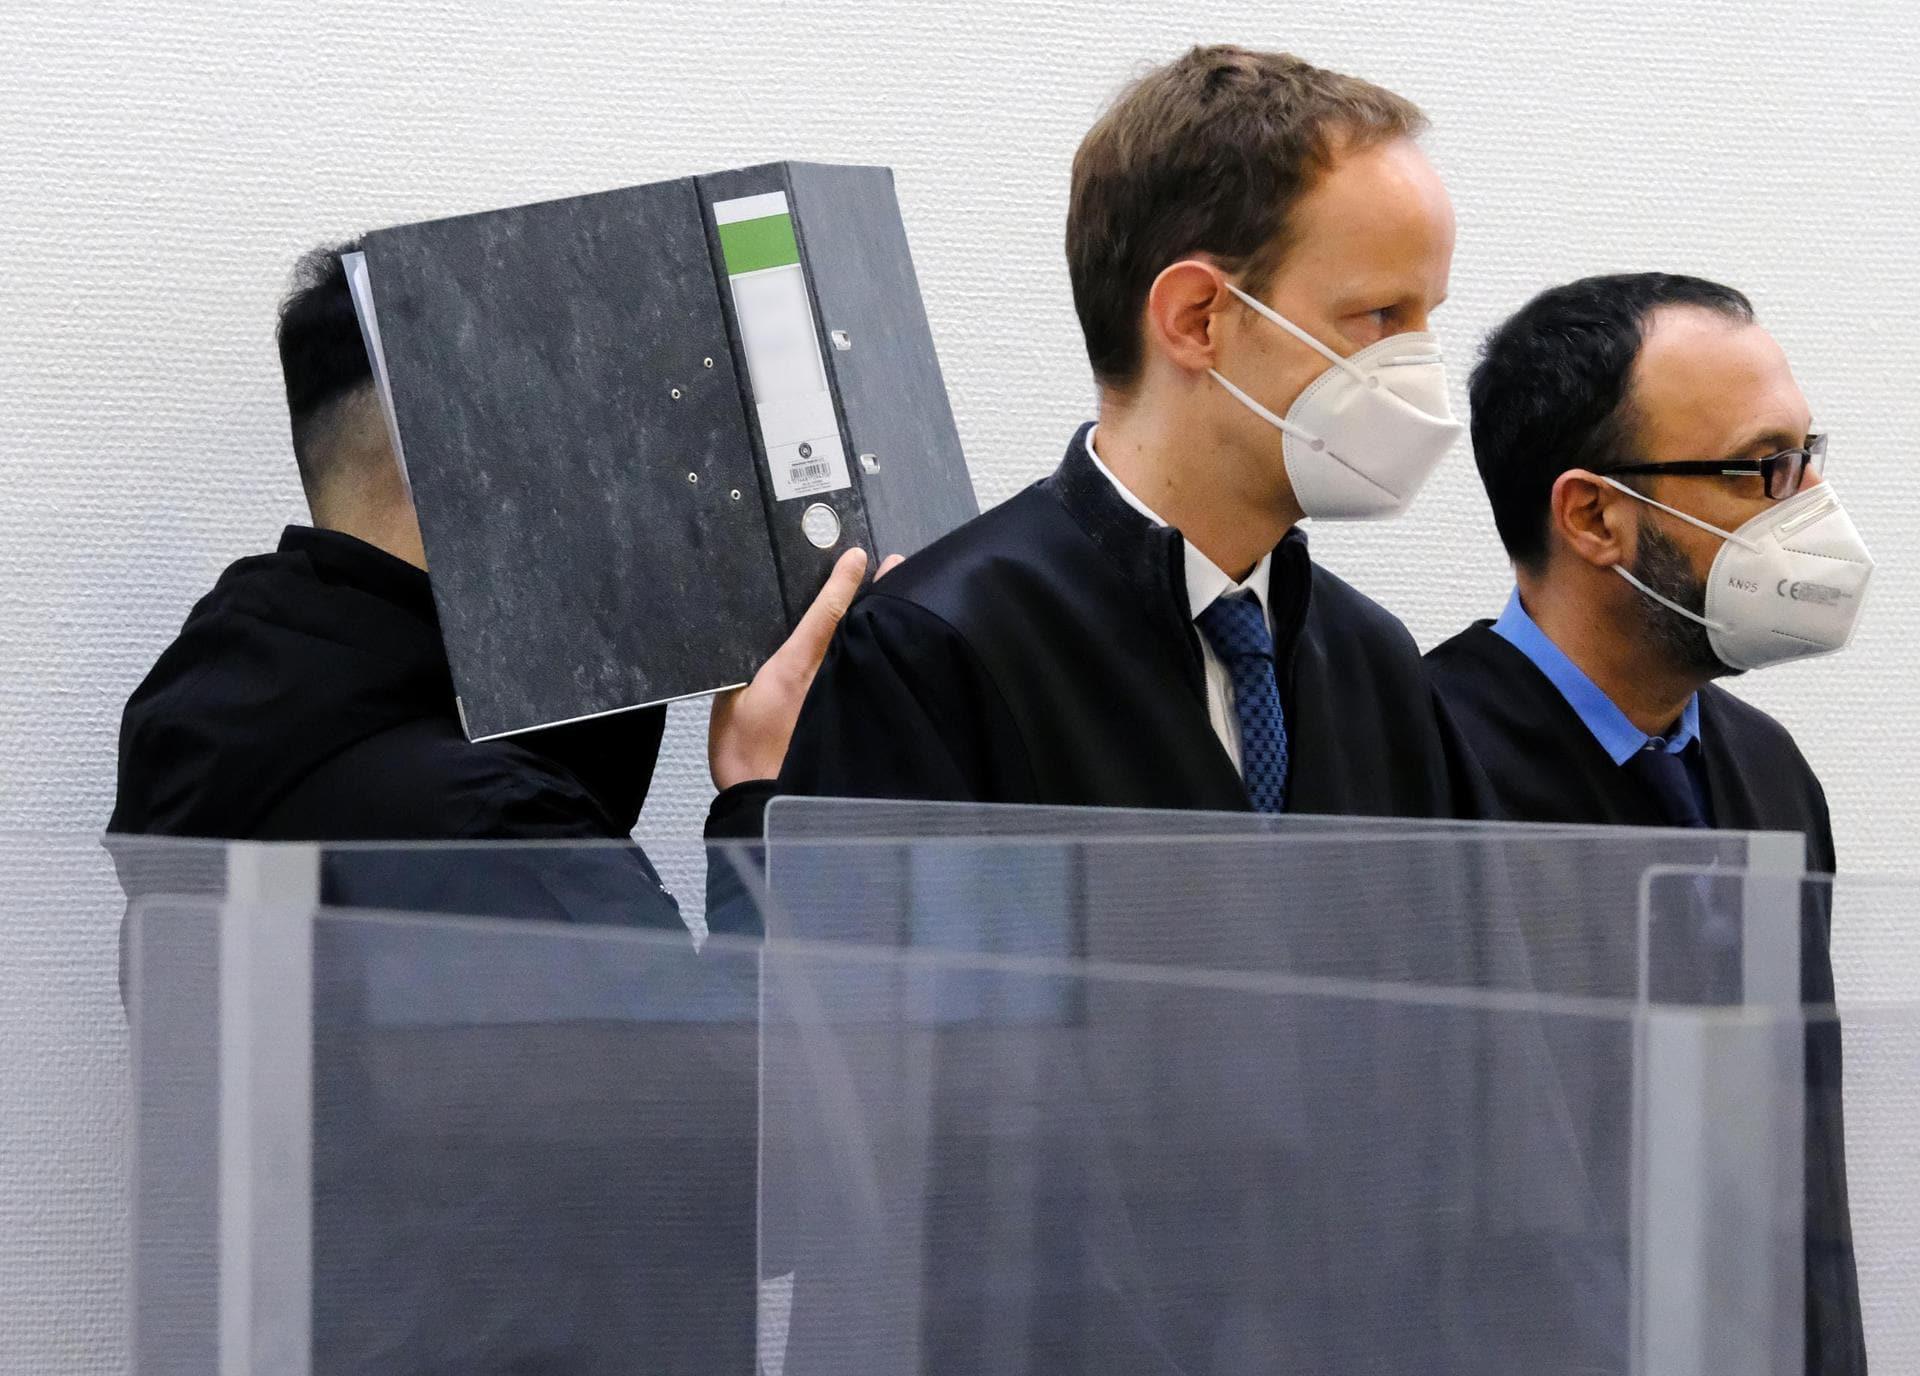 Dreieinhalb Jahre Haft nach tödlichem Raserunfall Urteil in Bayern